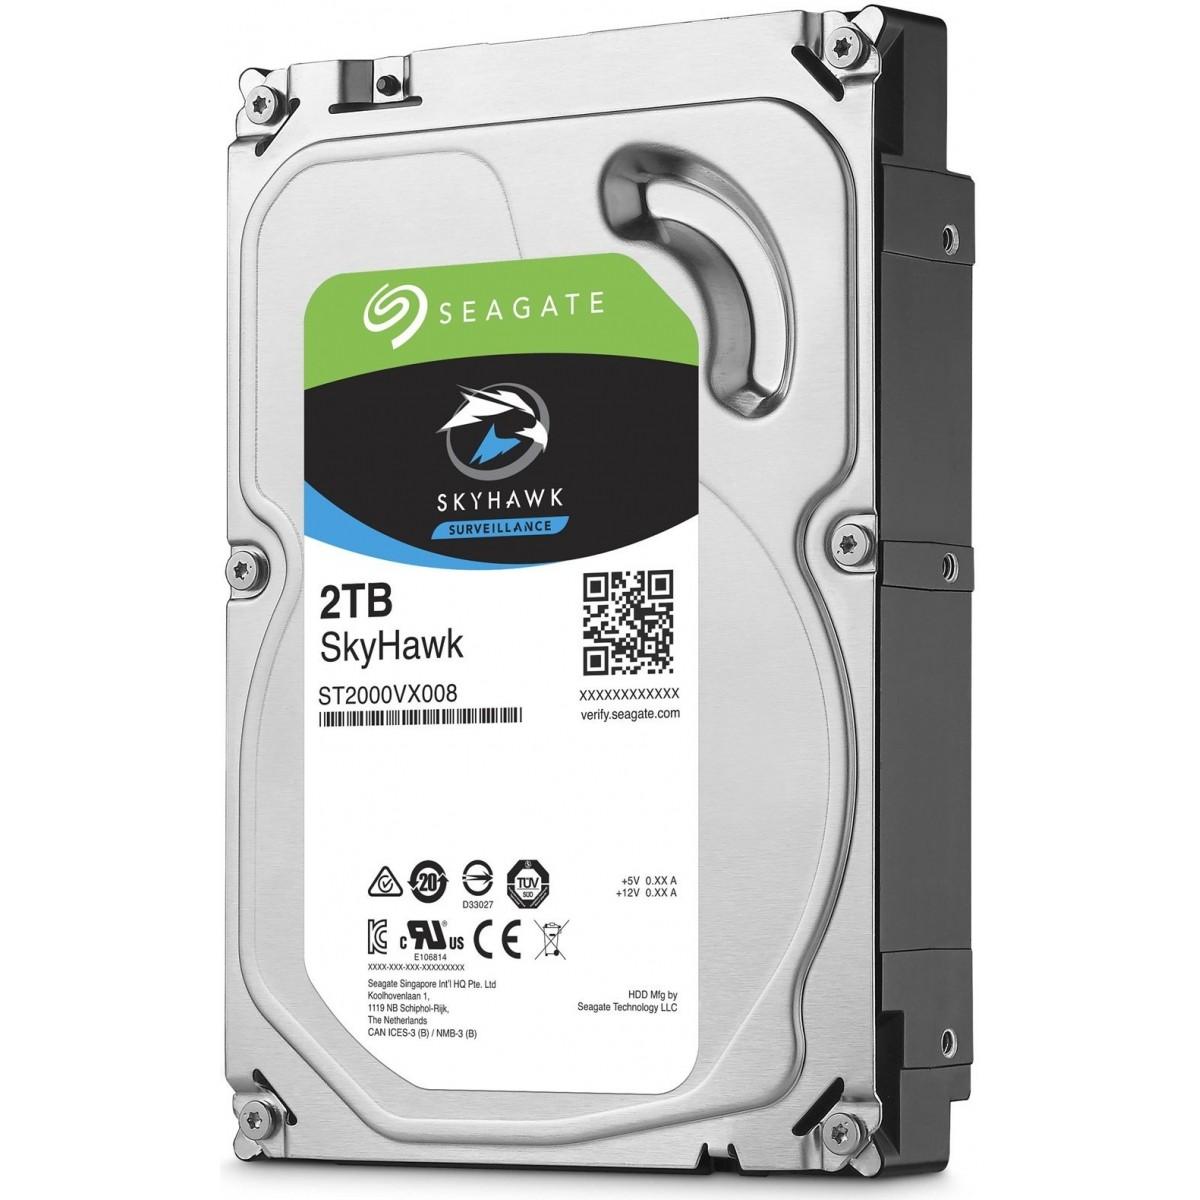 HDD 2TB 3,5 5900RPM 64MB CACHE 24X7 SATA 6GB/S Segurança Seagate  - Eletroinfocia